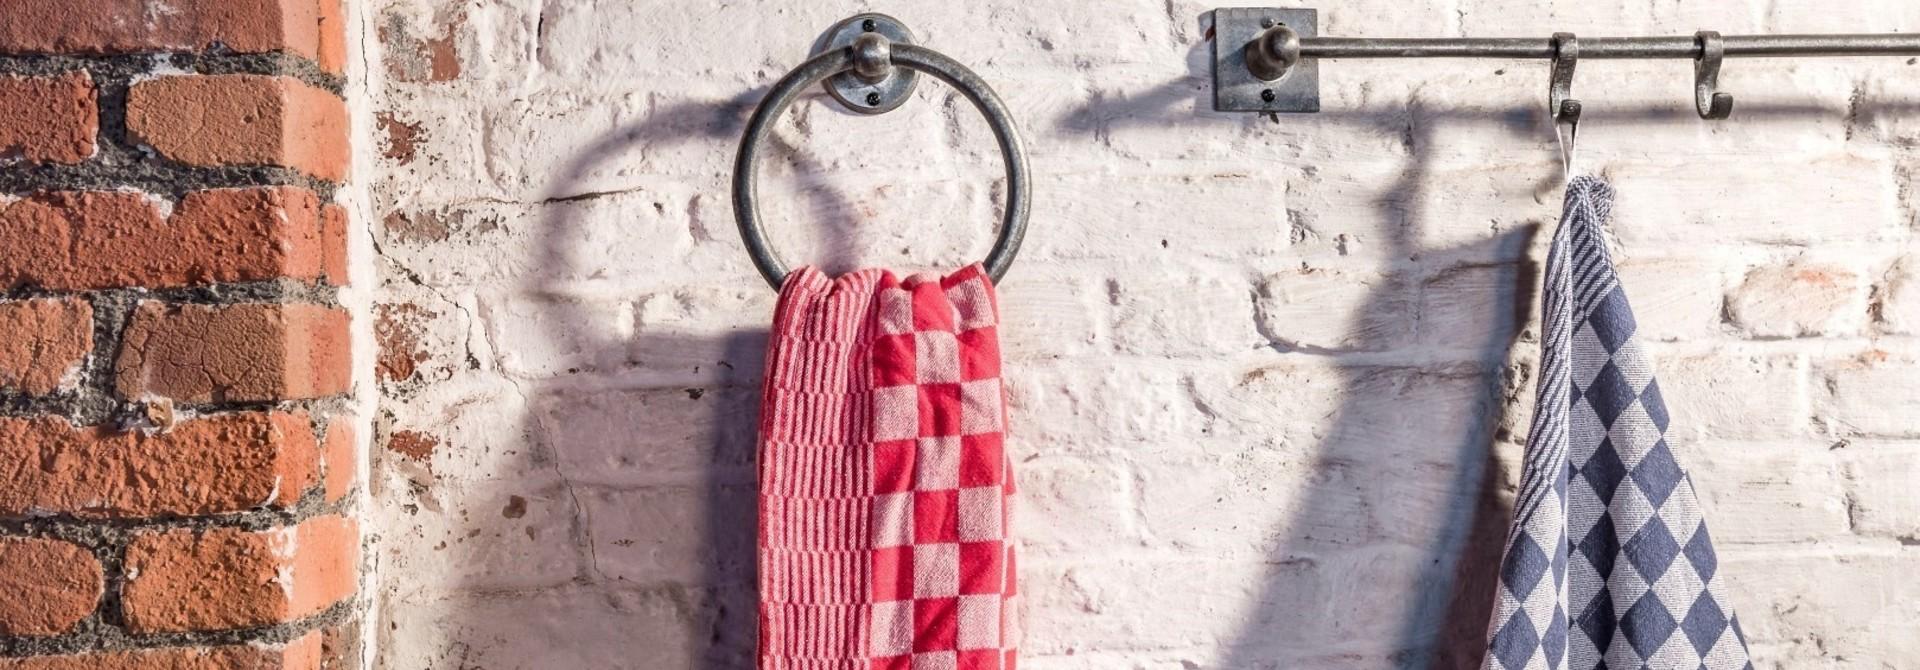 Handdoekring Ruw Metaal Dauby